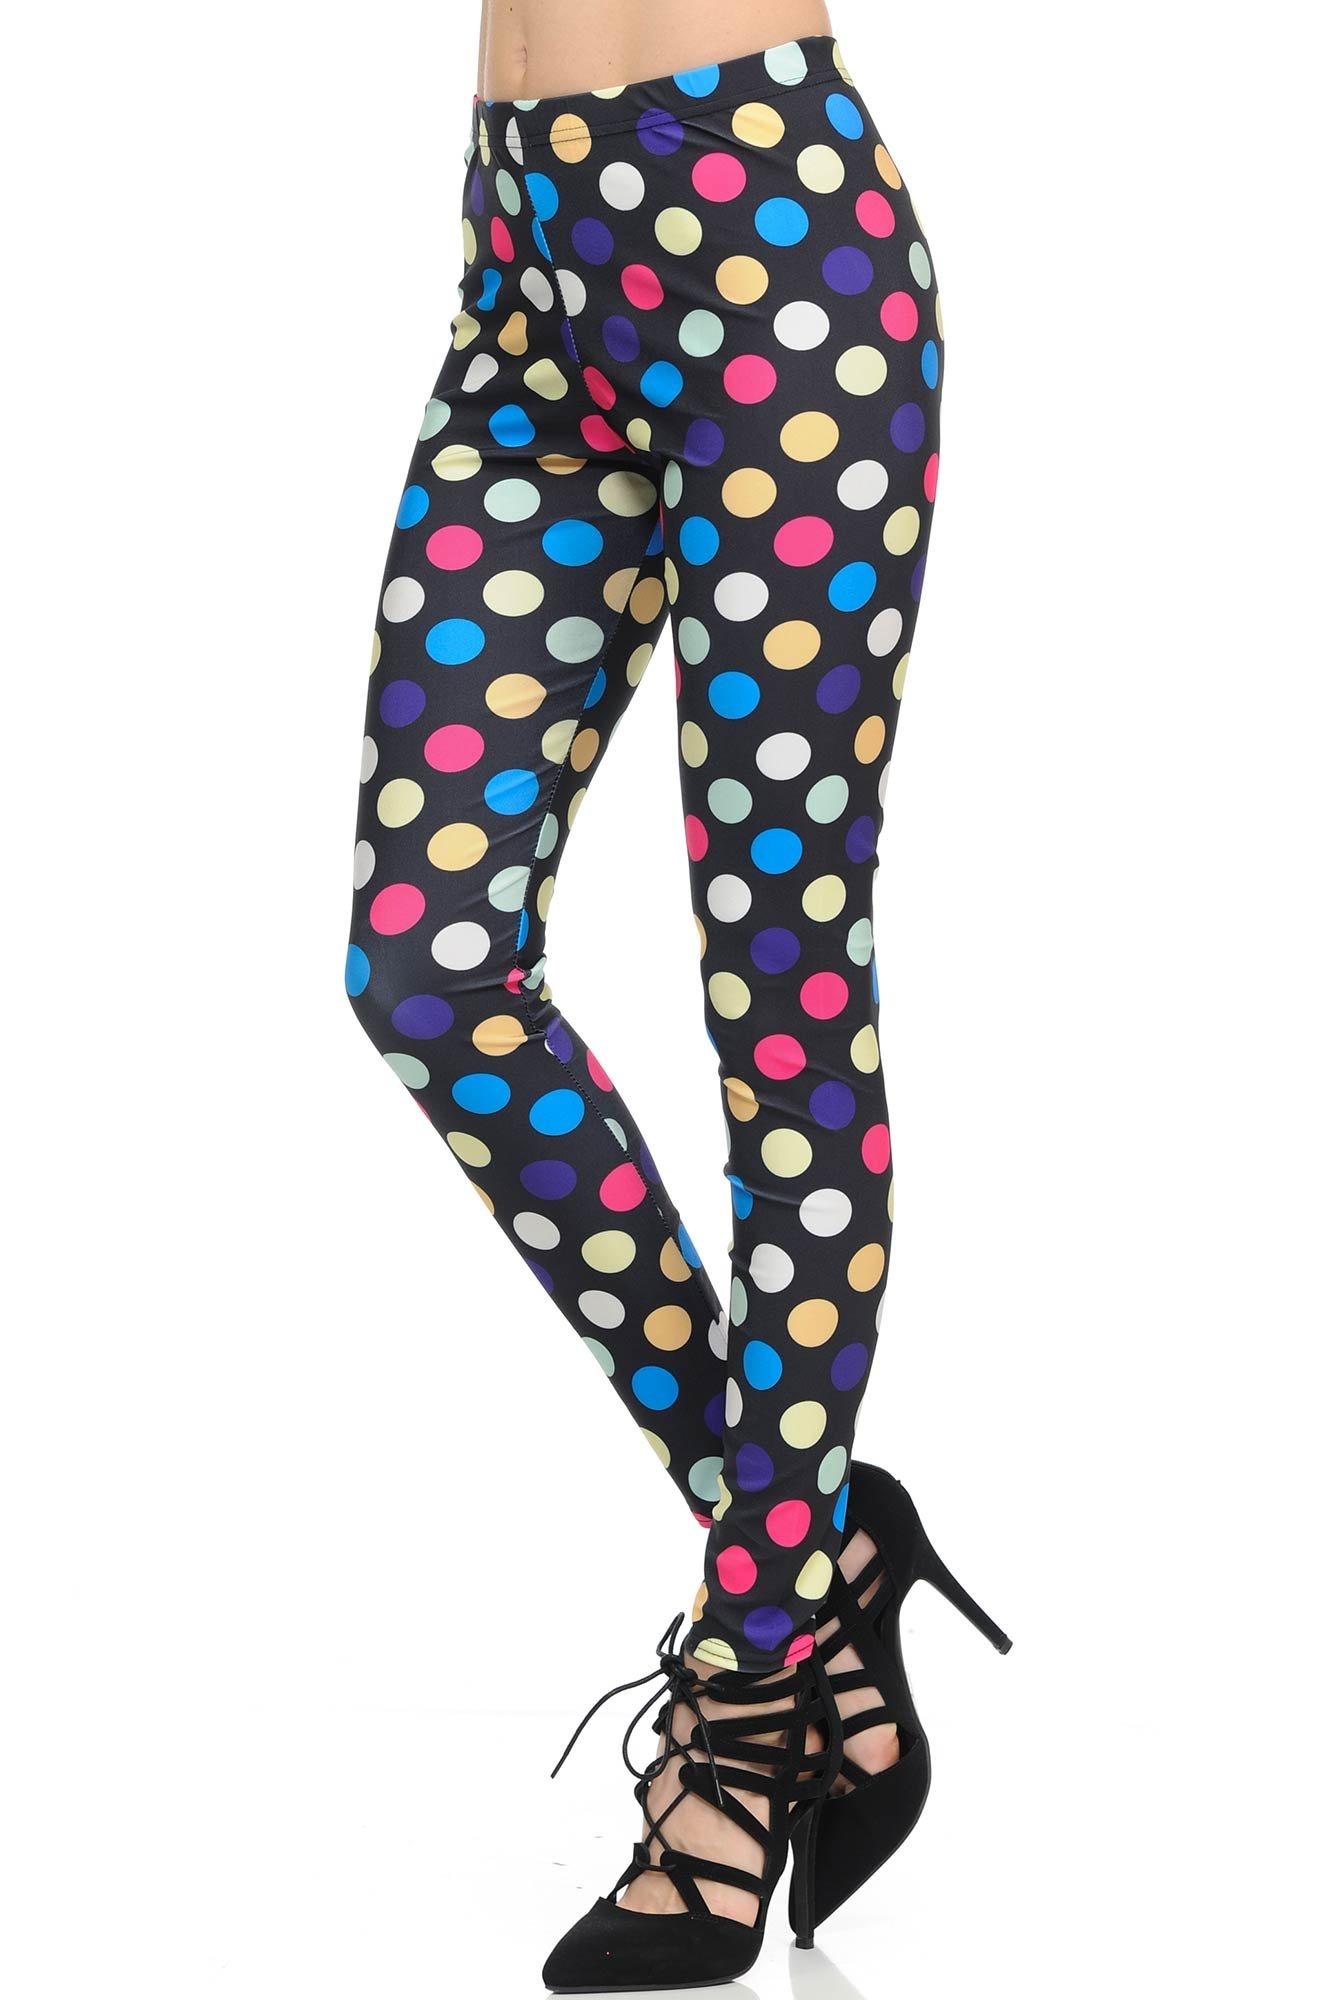 World of Leggings colorful Jumbo Polka Dot Leggings - Large